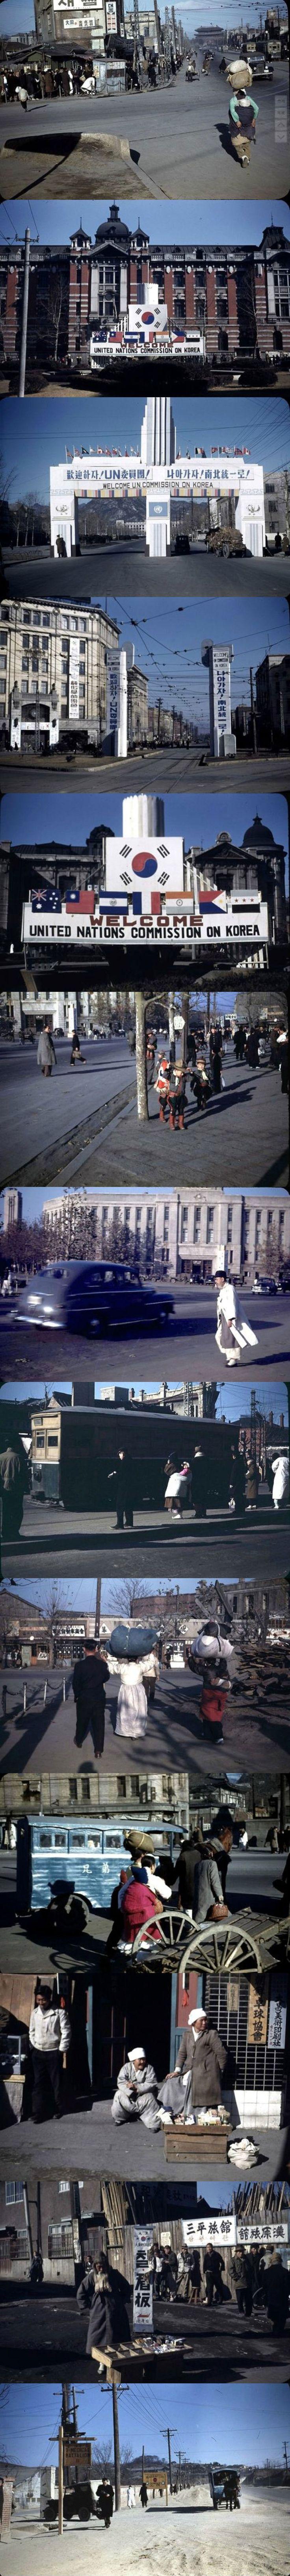 6.25 이전의 서울 모습  Seoul before 1950